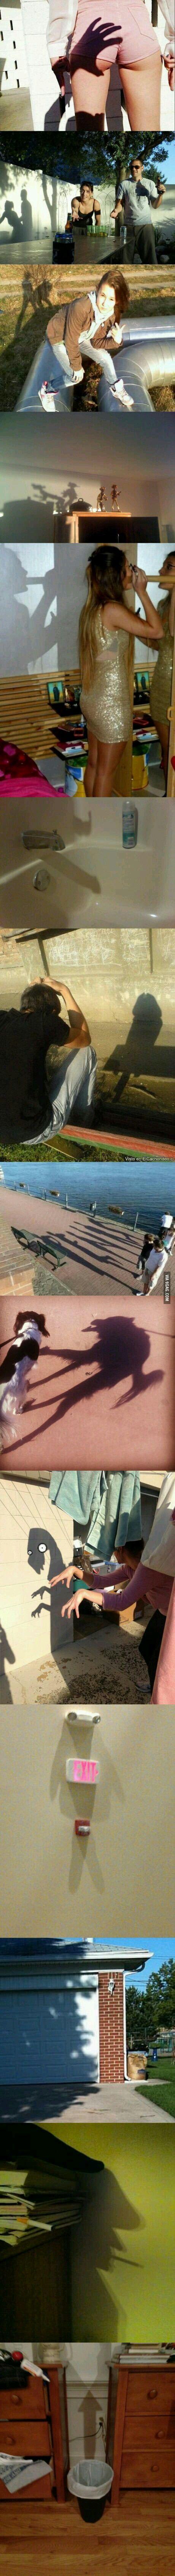 Quand tu peut pas le faire en vrai tu le fait avec les ombre ils en seront rien ptdr